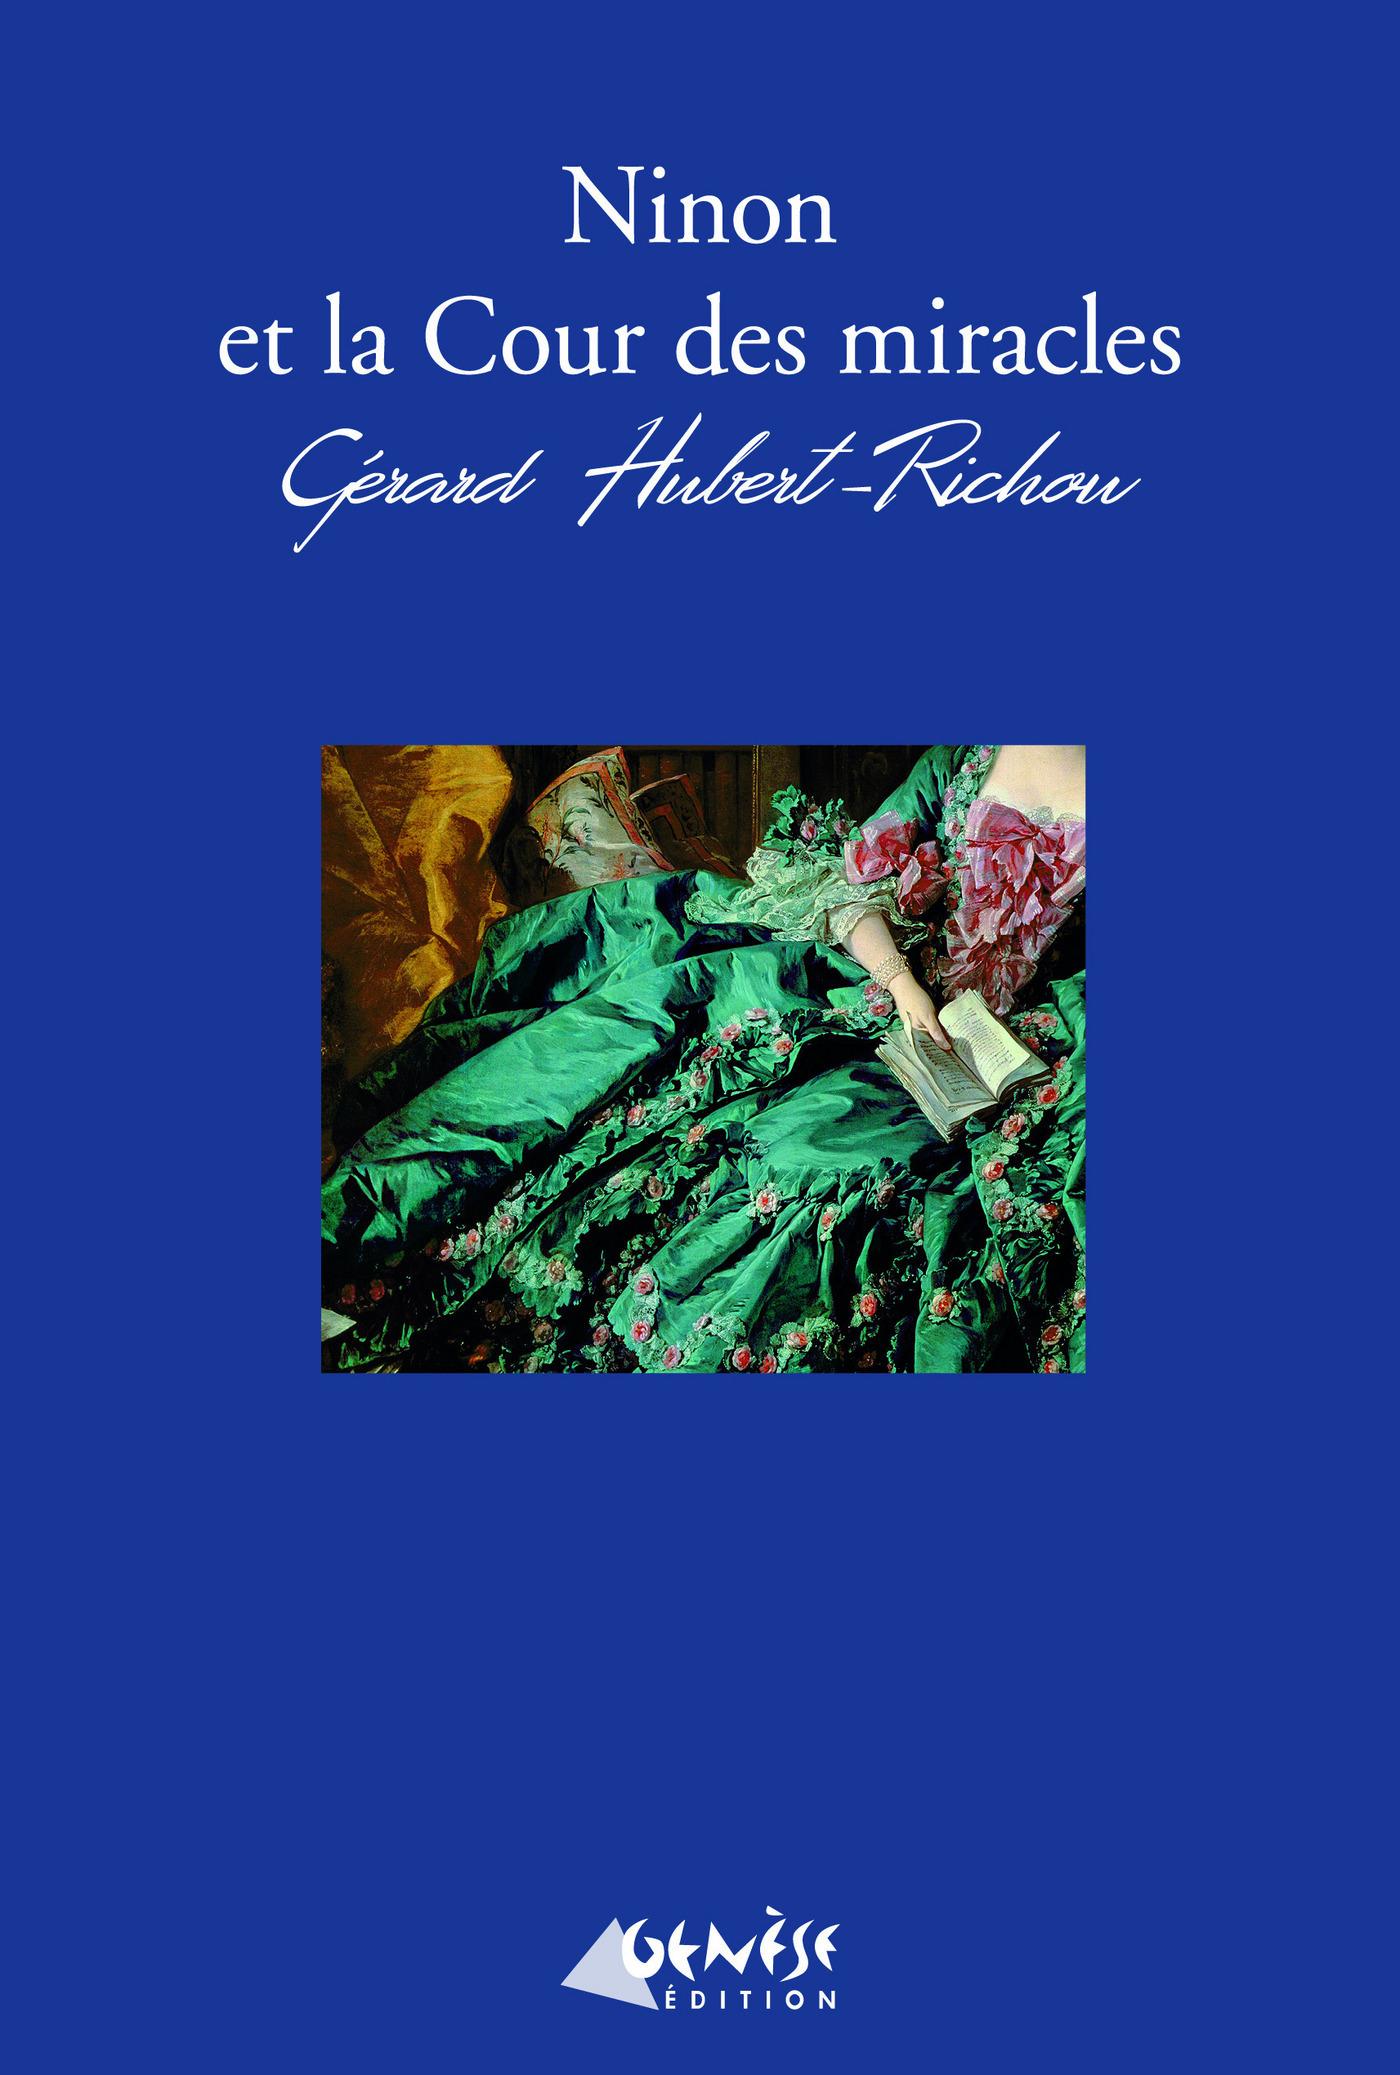 Ninon et la cour des miracles